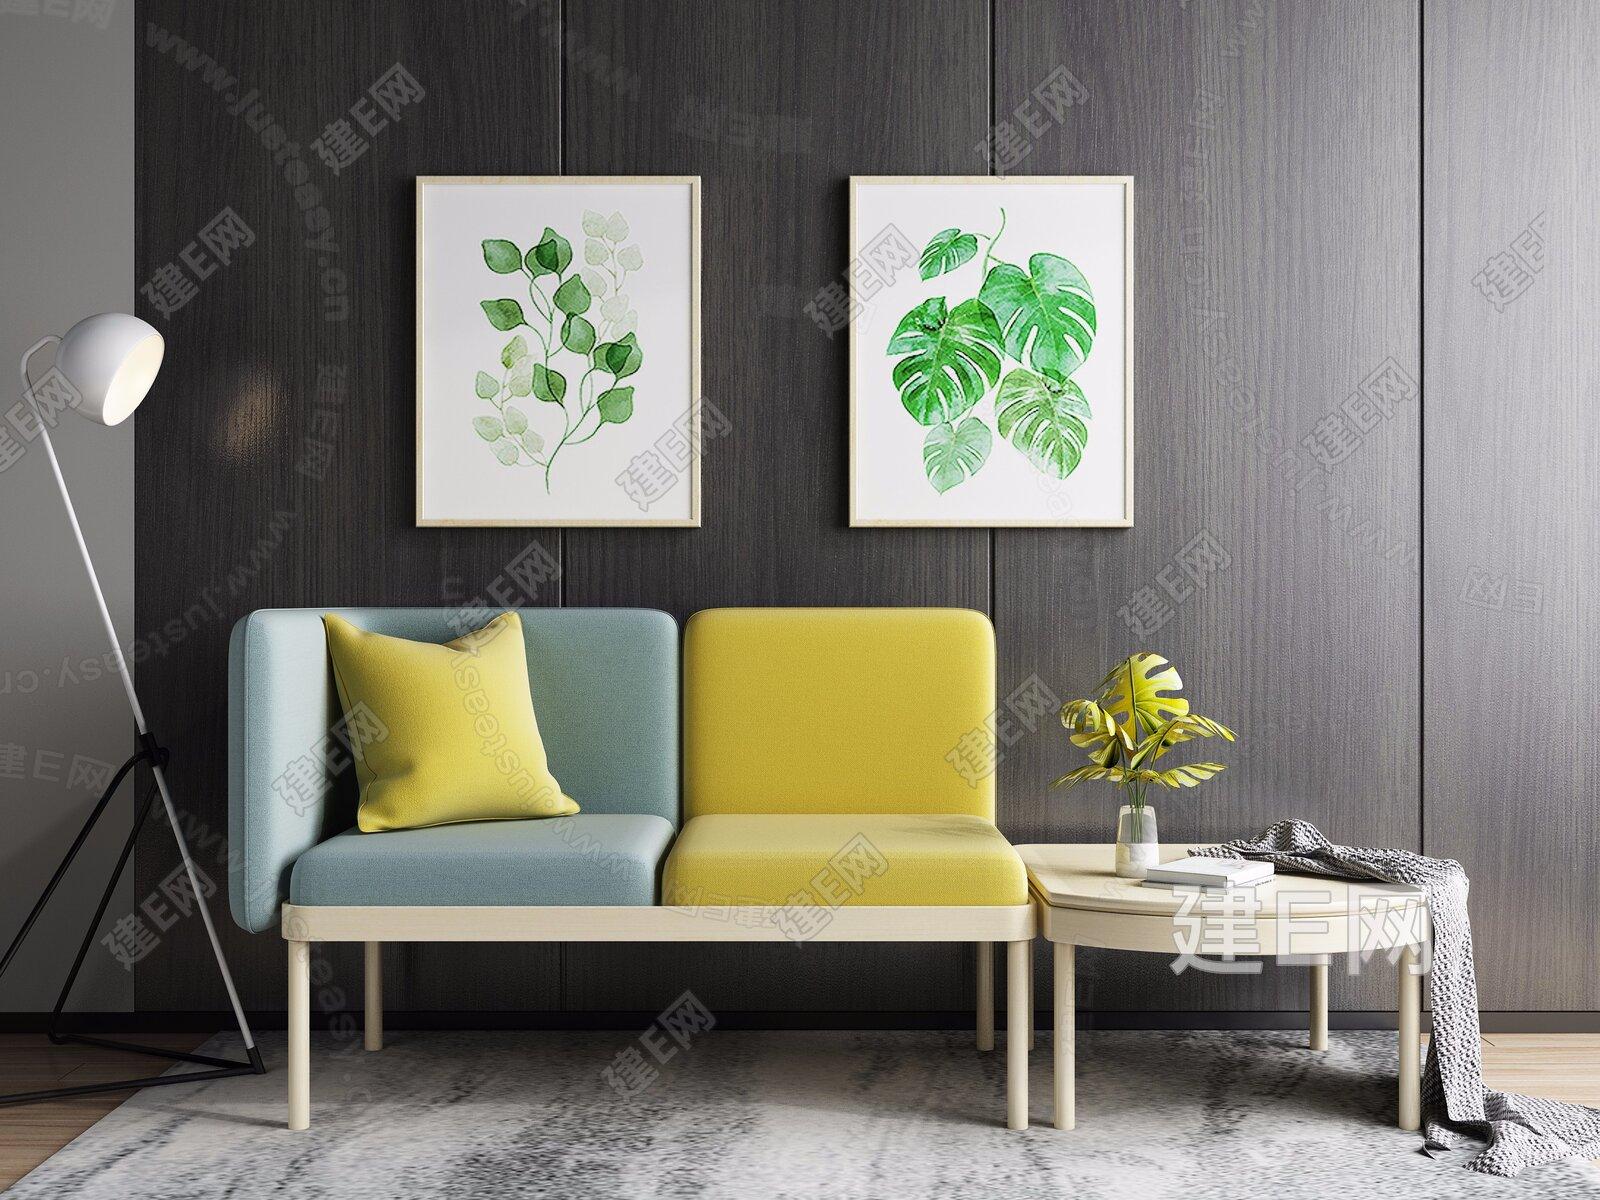 北欧双人沙发椅落地灯组合3d模型